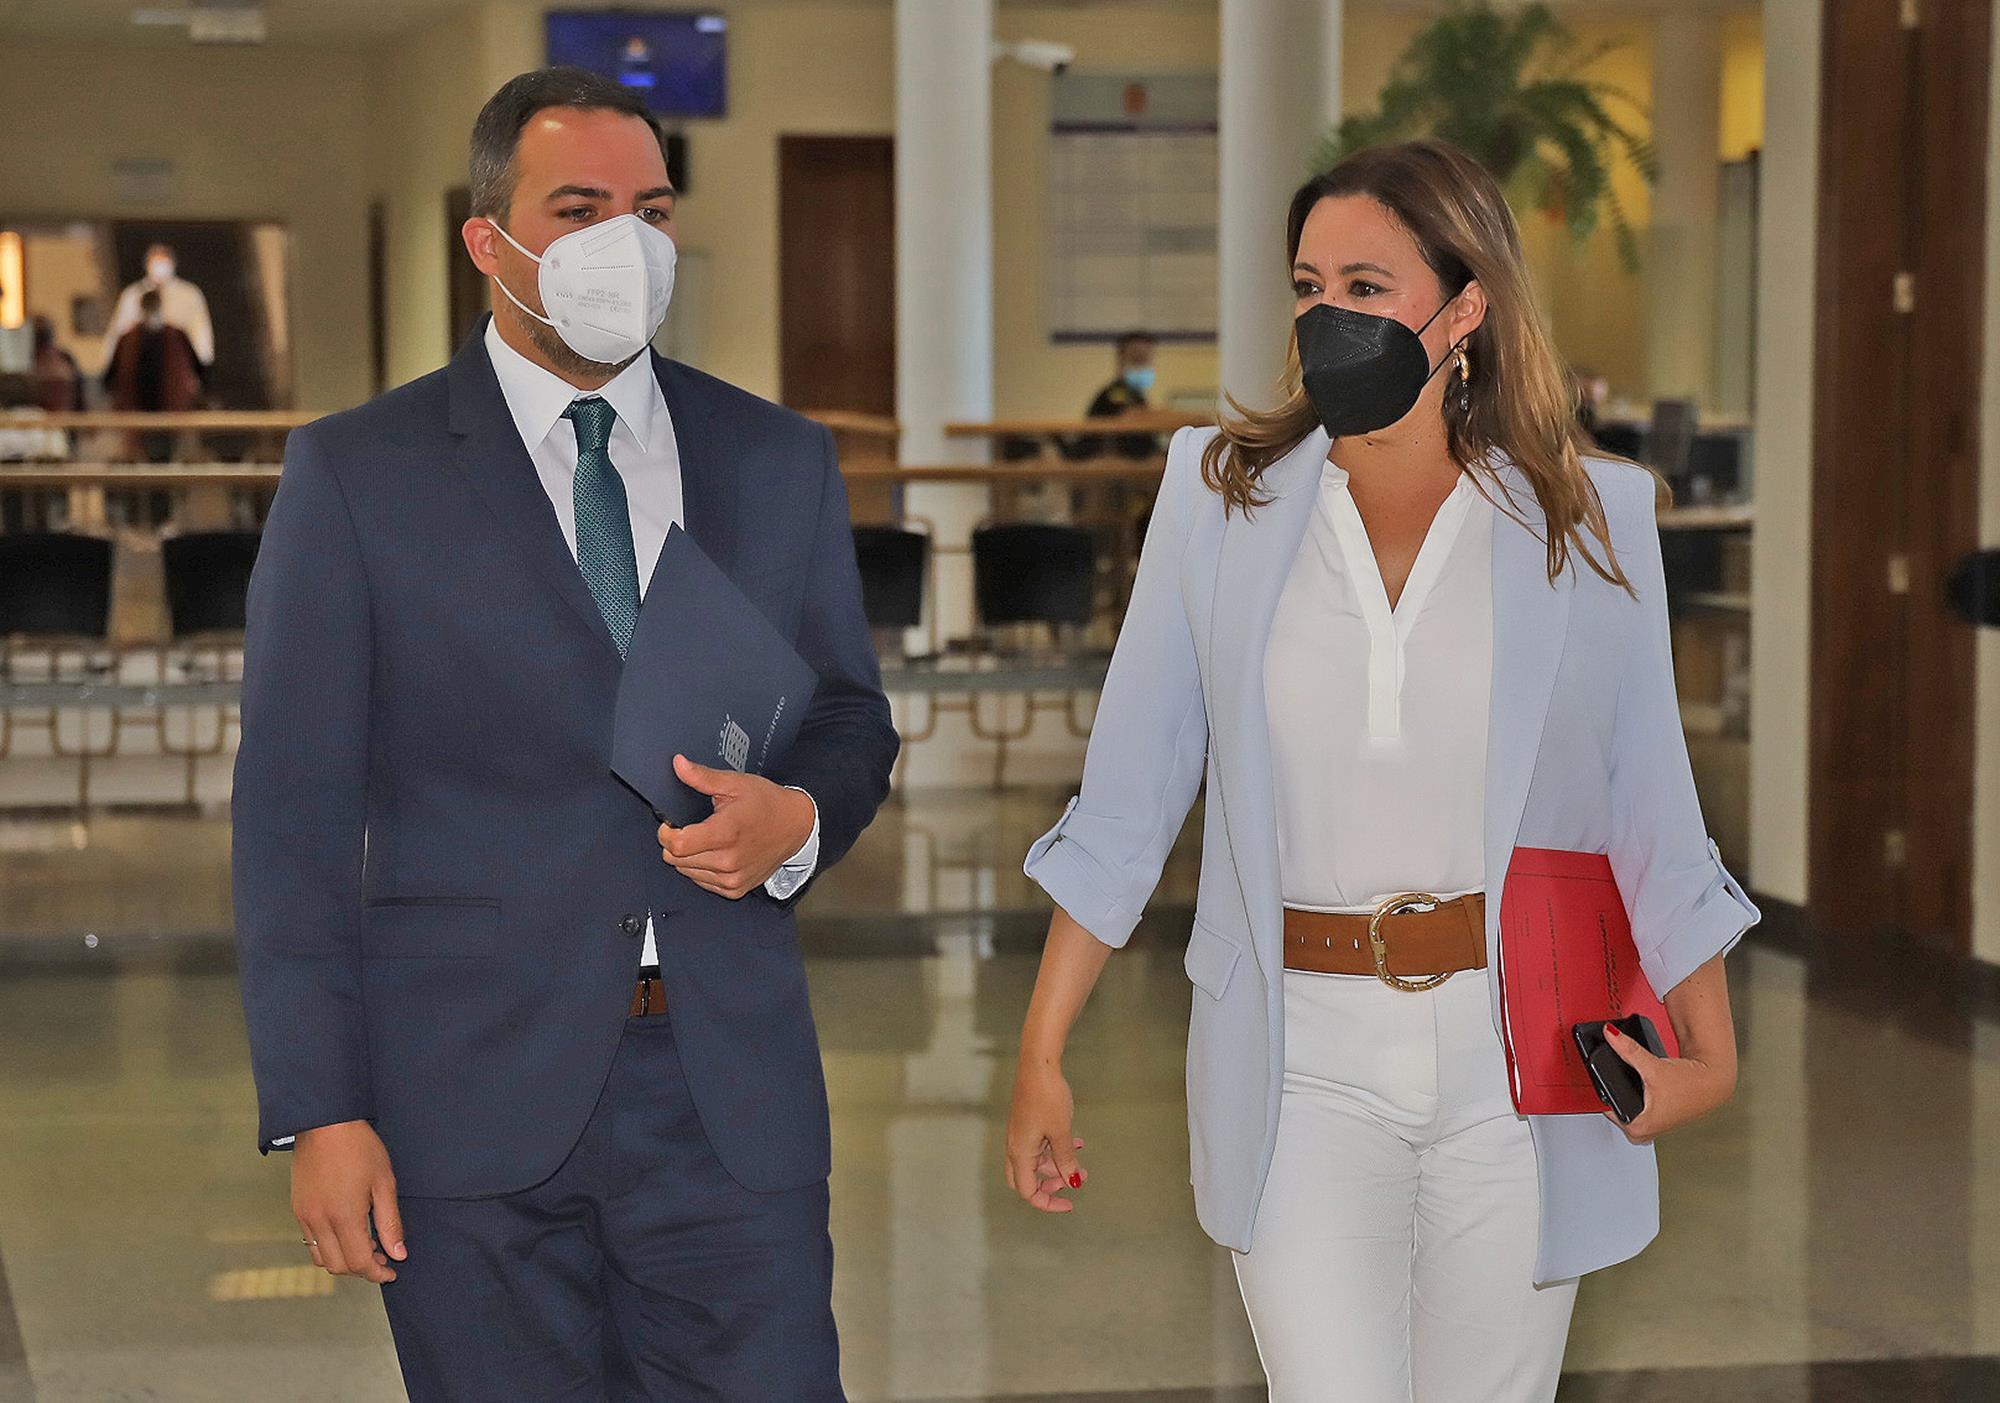 La presidenta María Dolores Corujo y el consejero de obras Jacobo Medina / CanariasNoticia.es